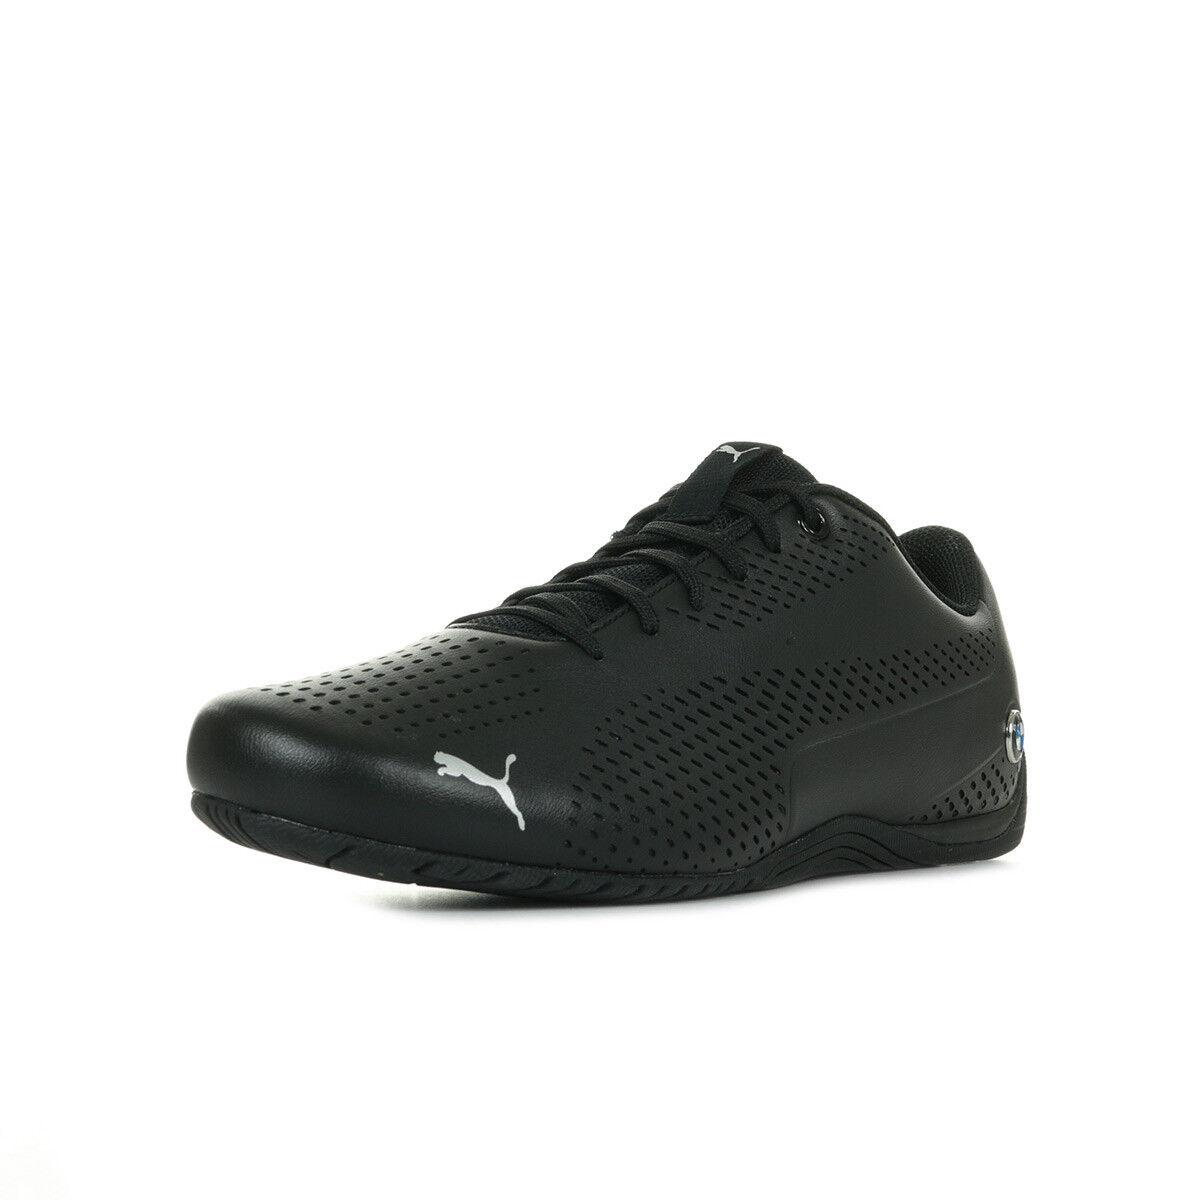 buy popular a835b b2a69 Chaussures Baskets Baskets Baskets Puma homme Bmw MMS Drift Cat 5 Ultra II  taille Noir Noire 3c7d6b